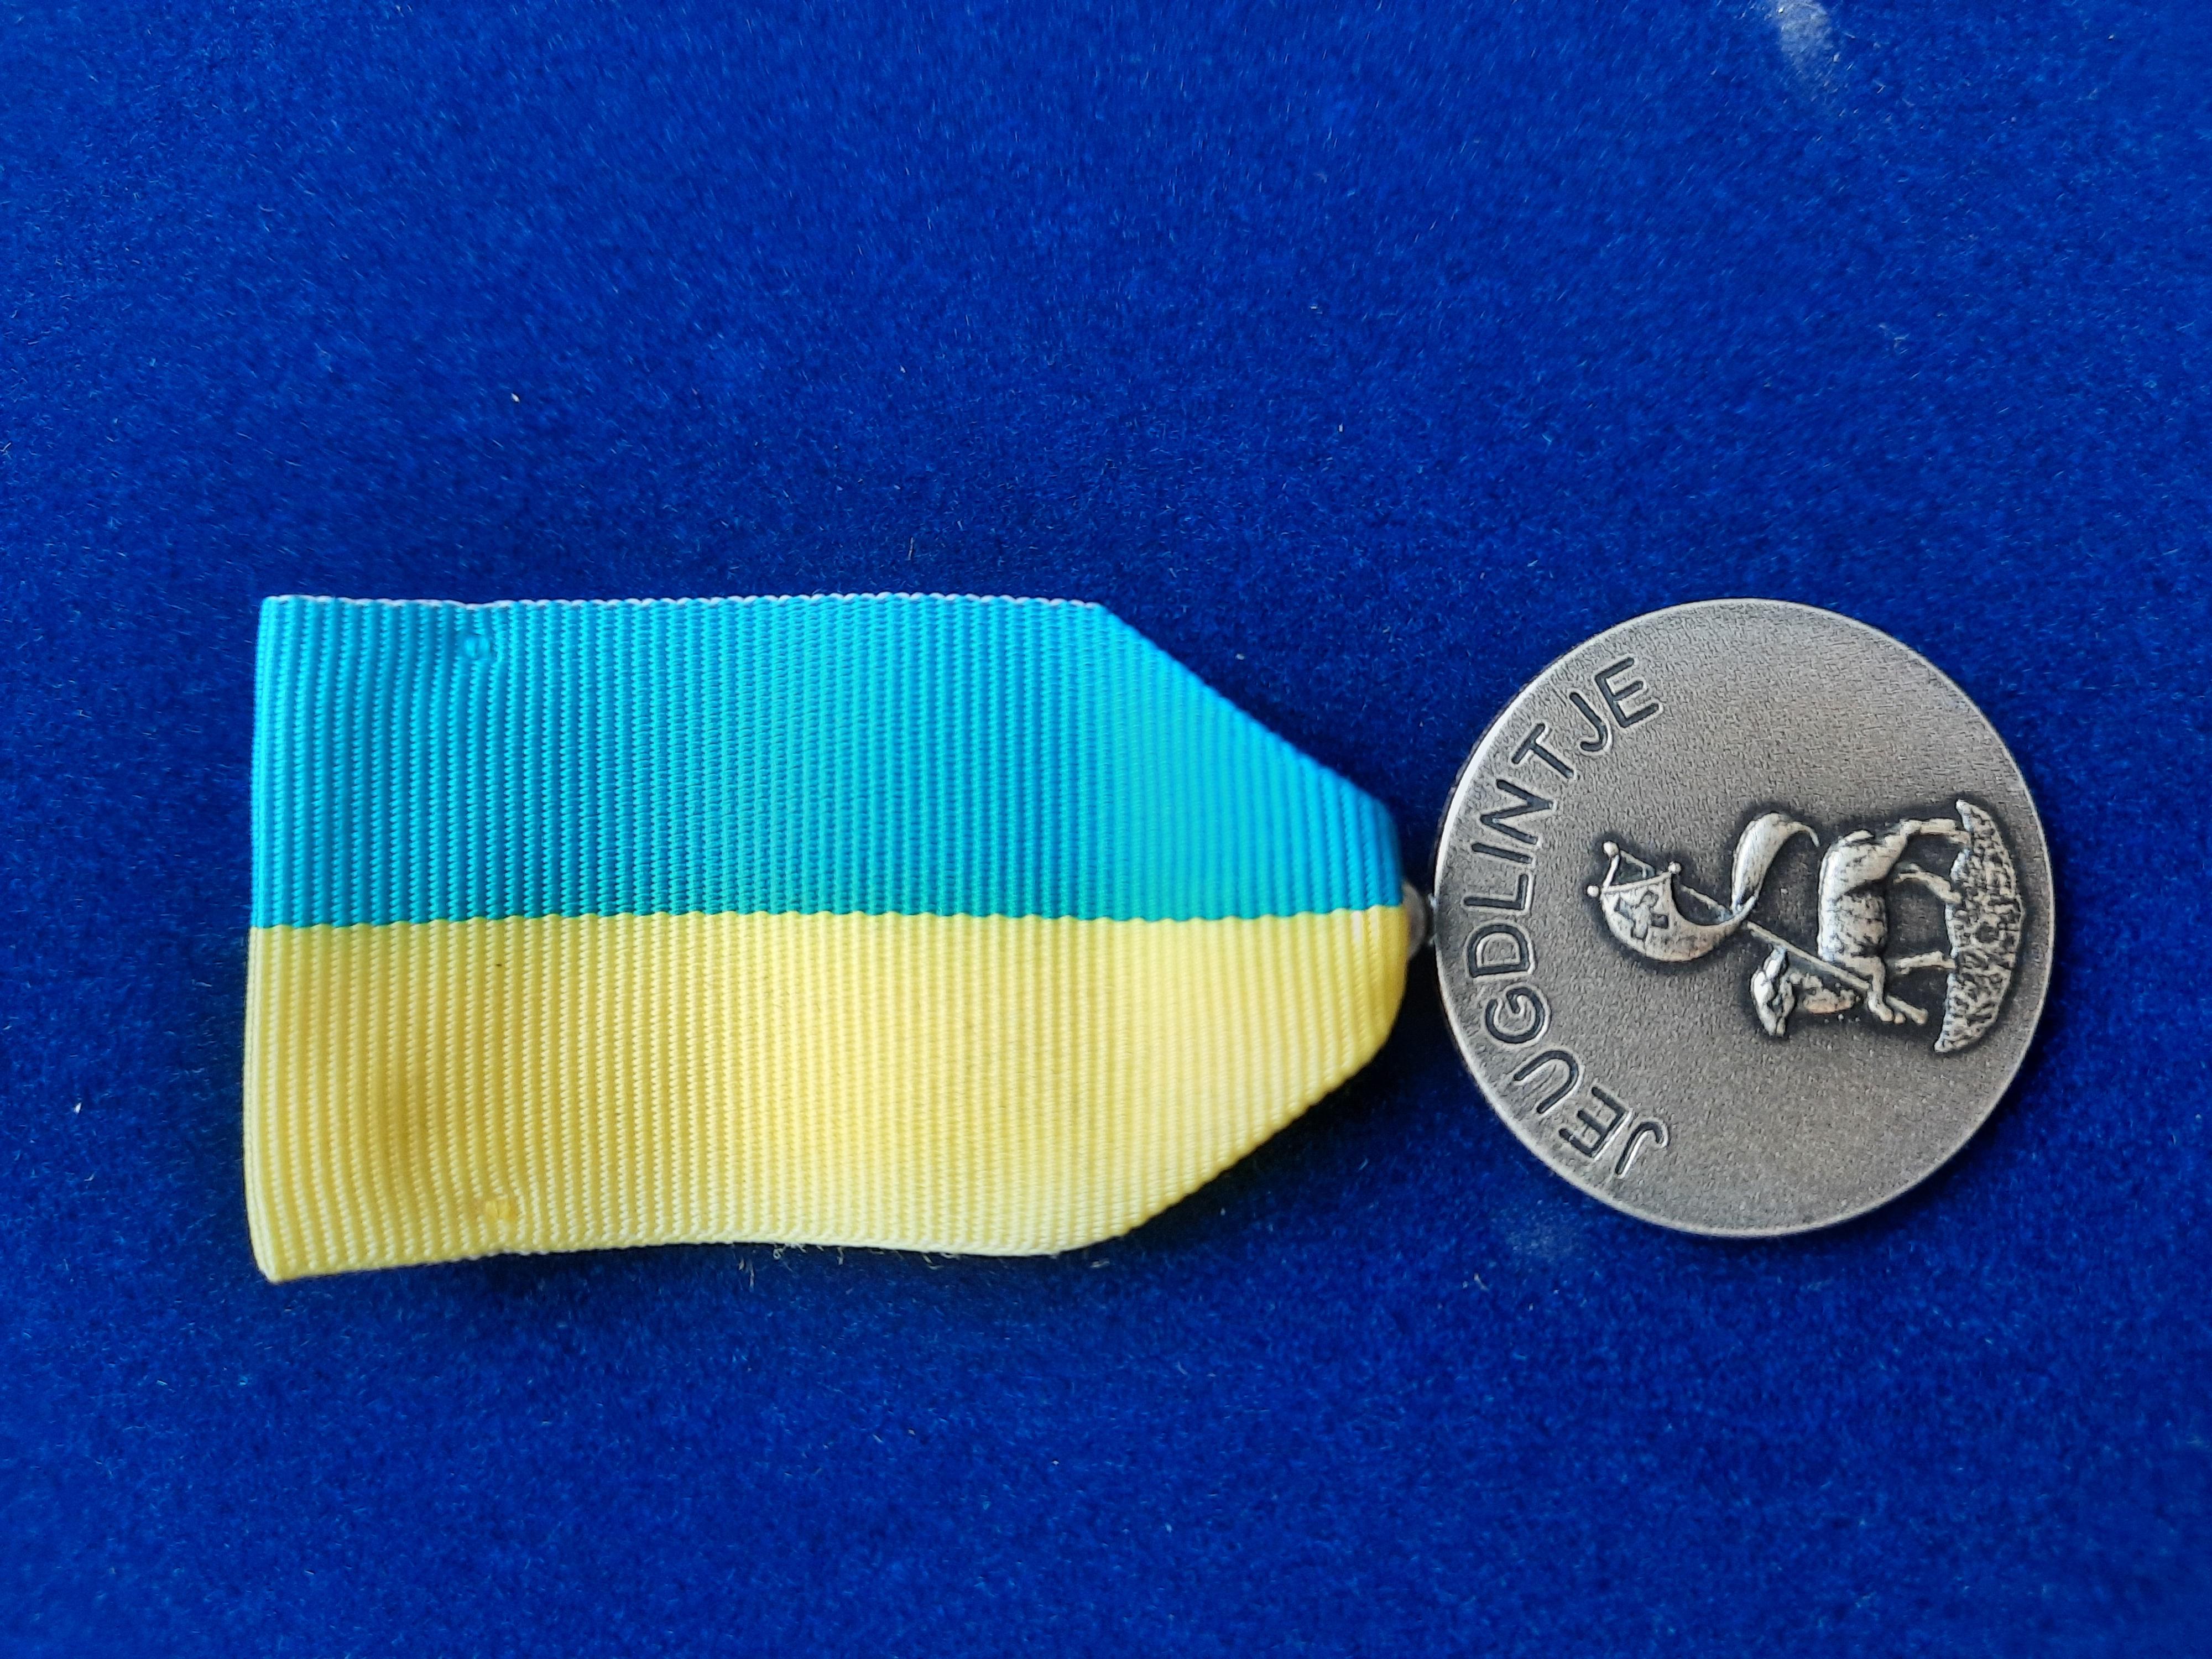 Voorbeeld van het jeugdlintje - voorkant. Geel met blauw lint, met op de munt het lams god afgebeeld